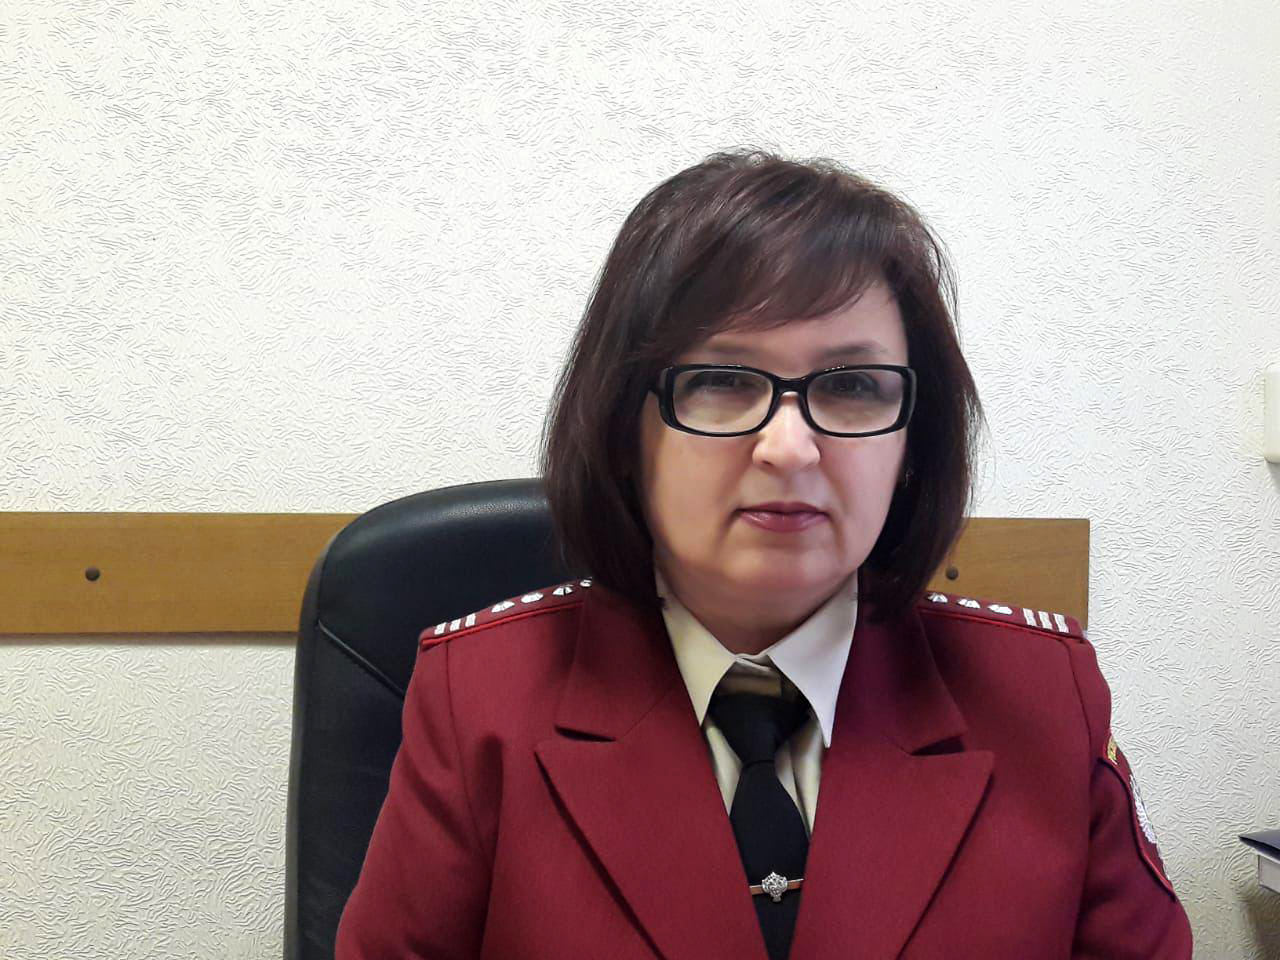 начальник отдела эпидемиологического надзора петербургского Роспотребнадзора Ирина Чхинджерия